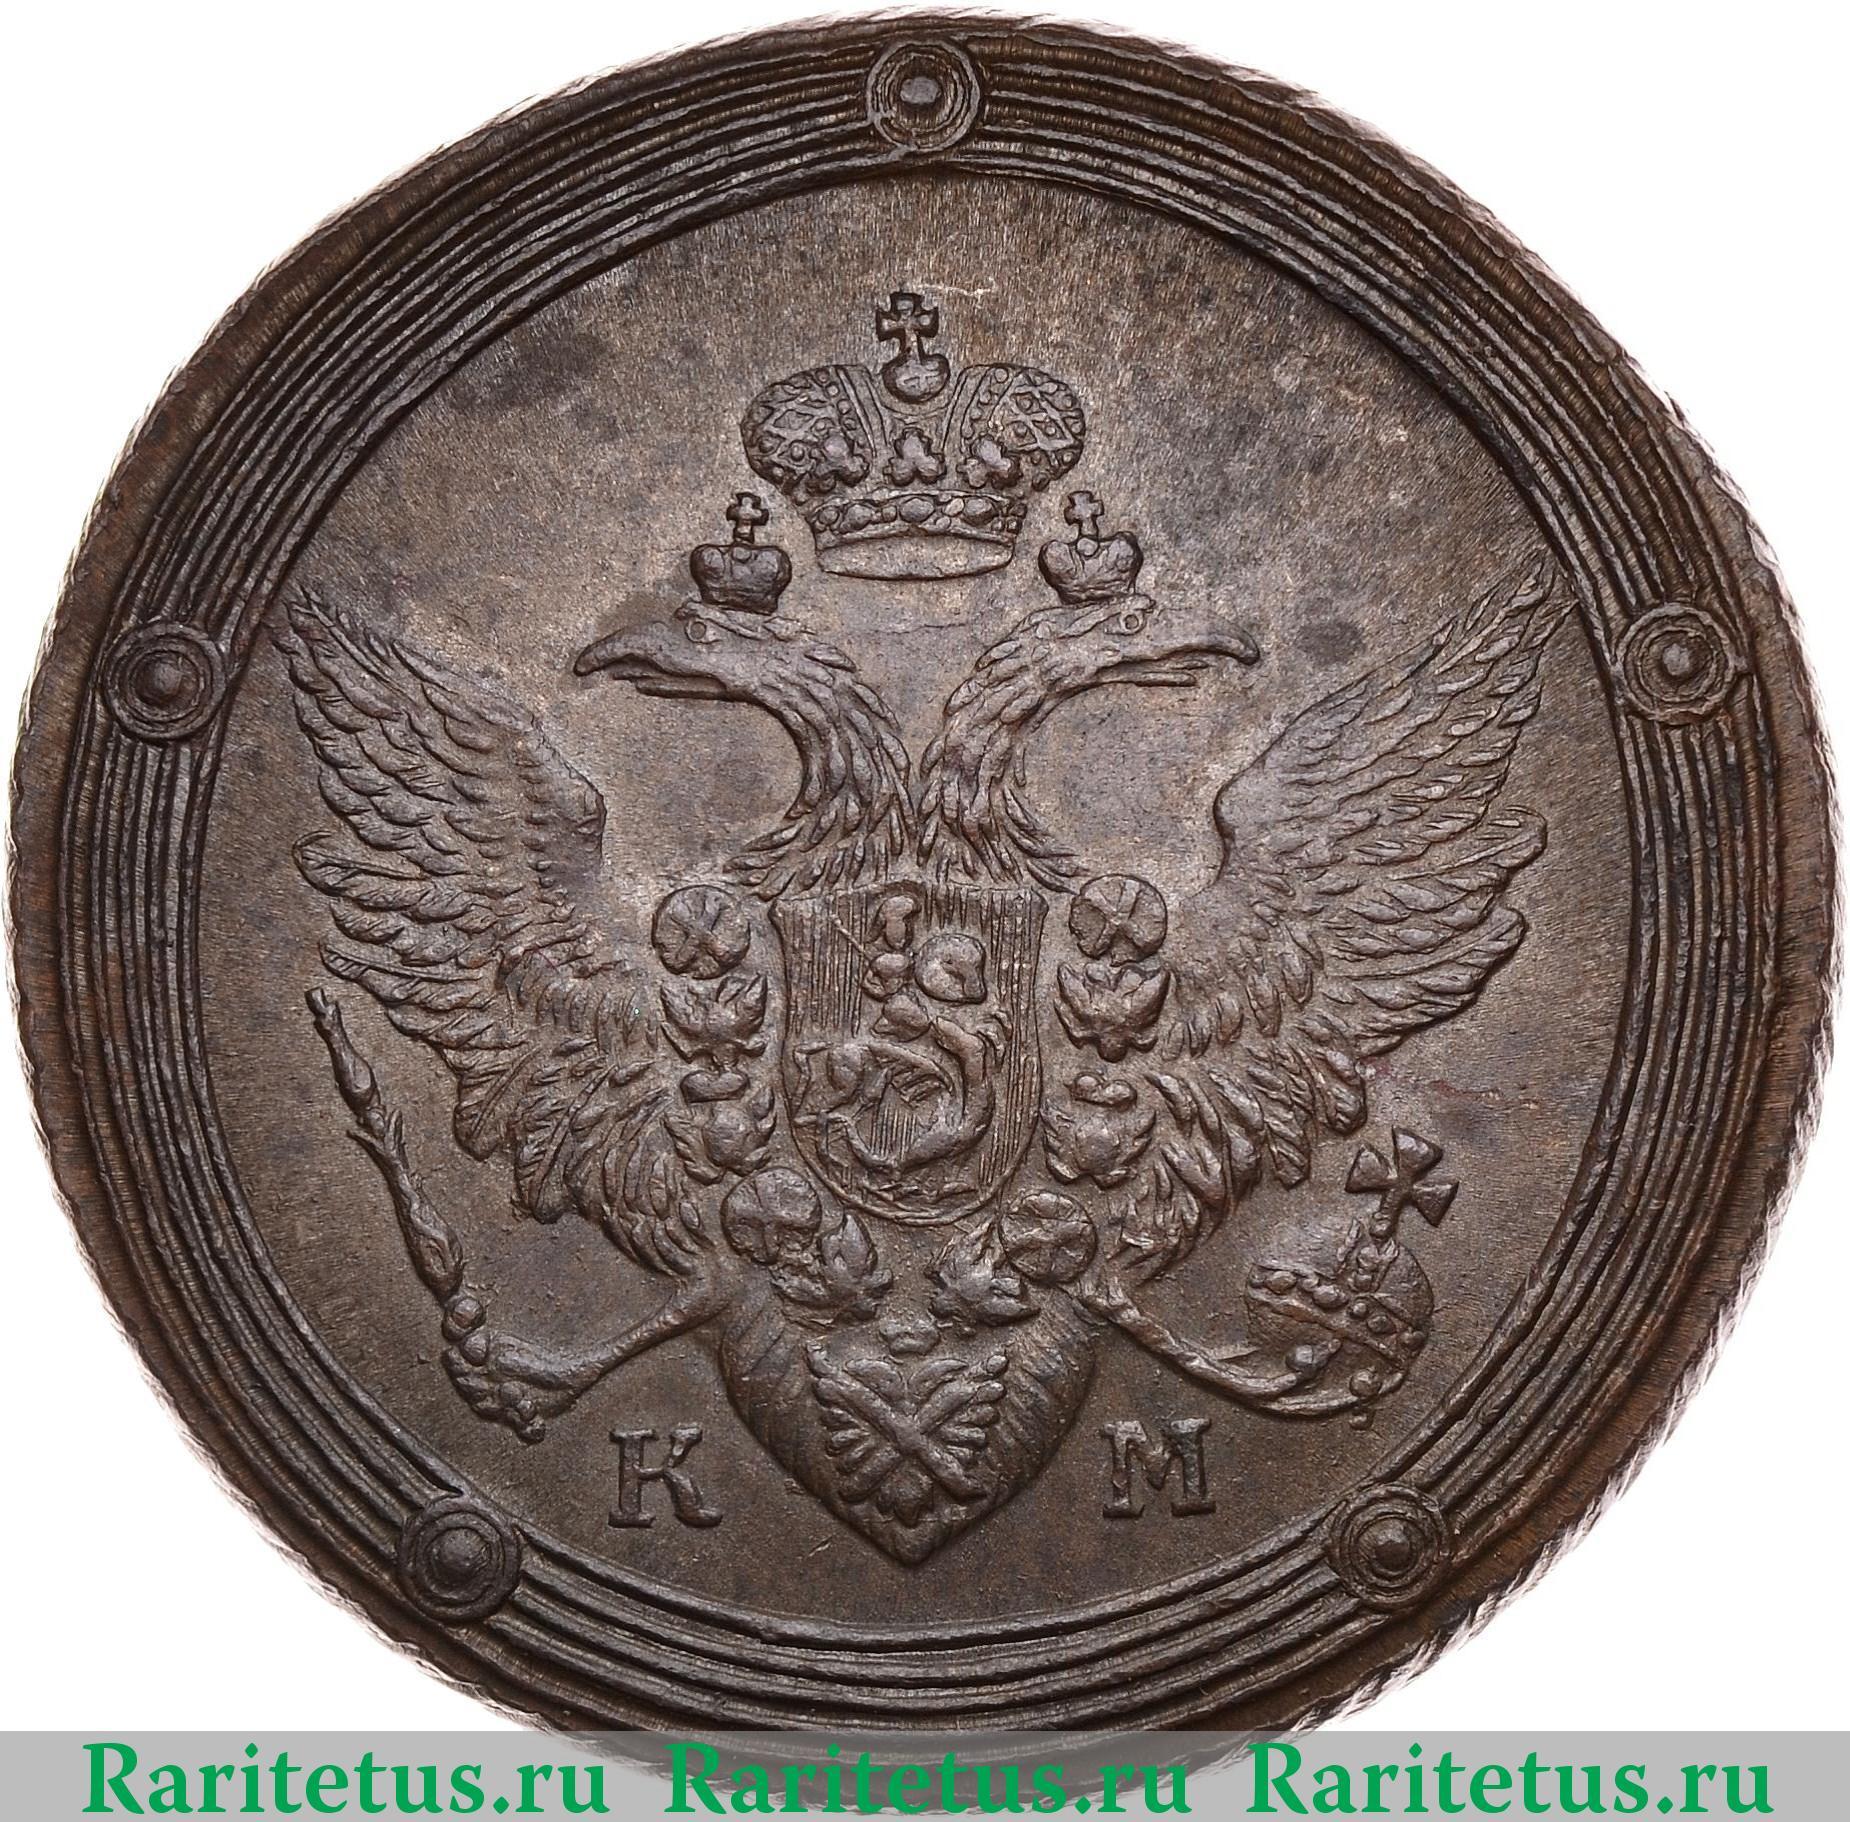 5 копеек 1808 coins перевод